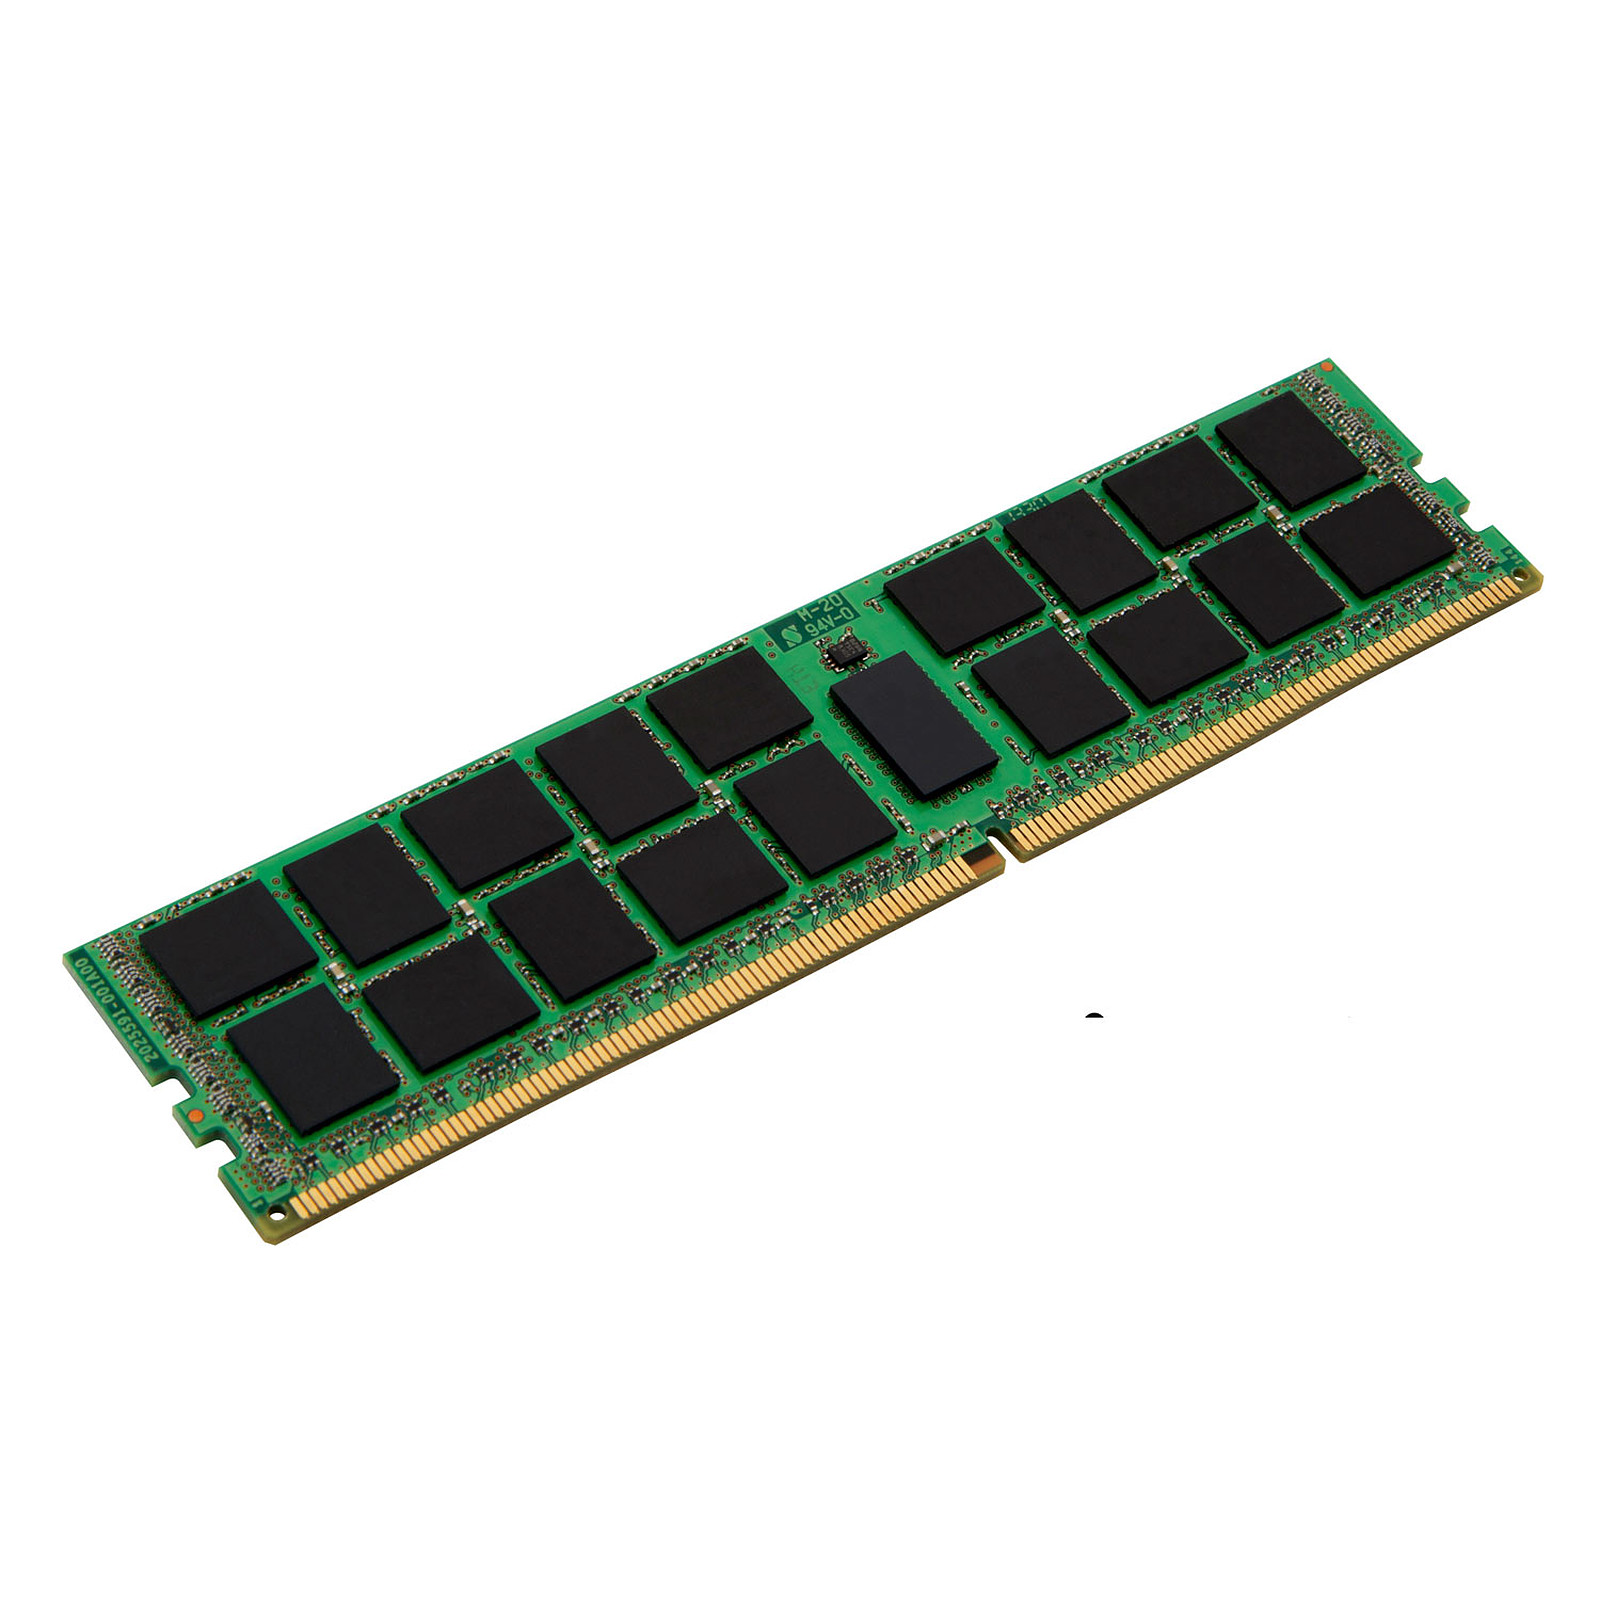 Kingston ValueRAM 16 Go DDR4 2400 MHz CL17 ECC Registered SR X4